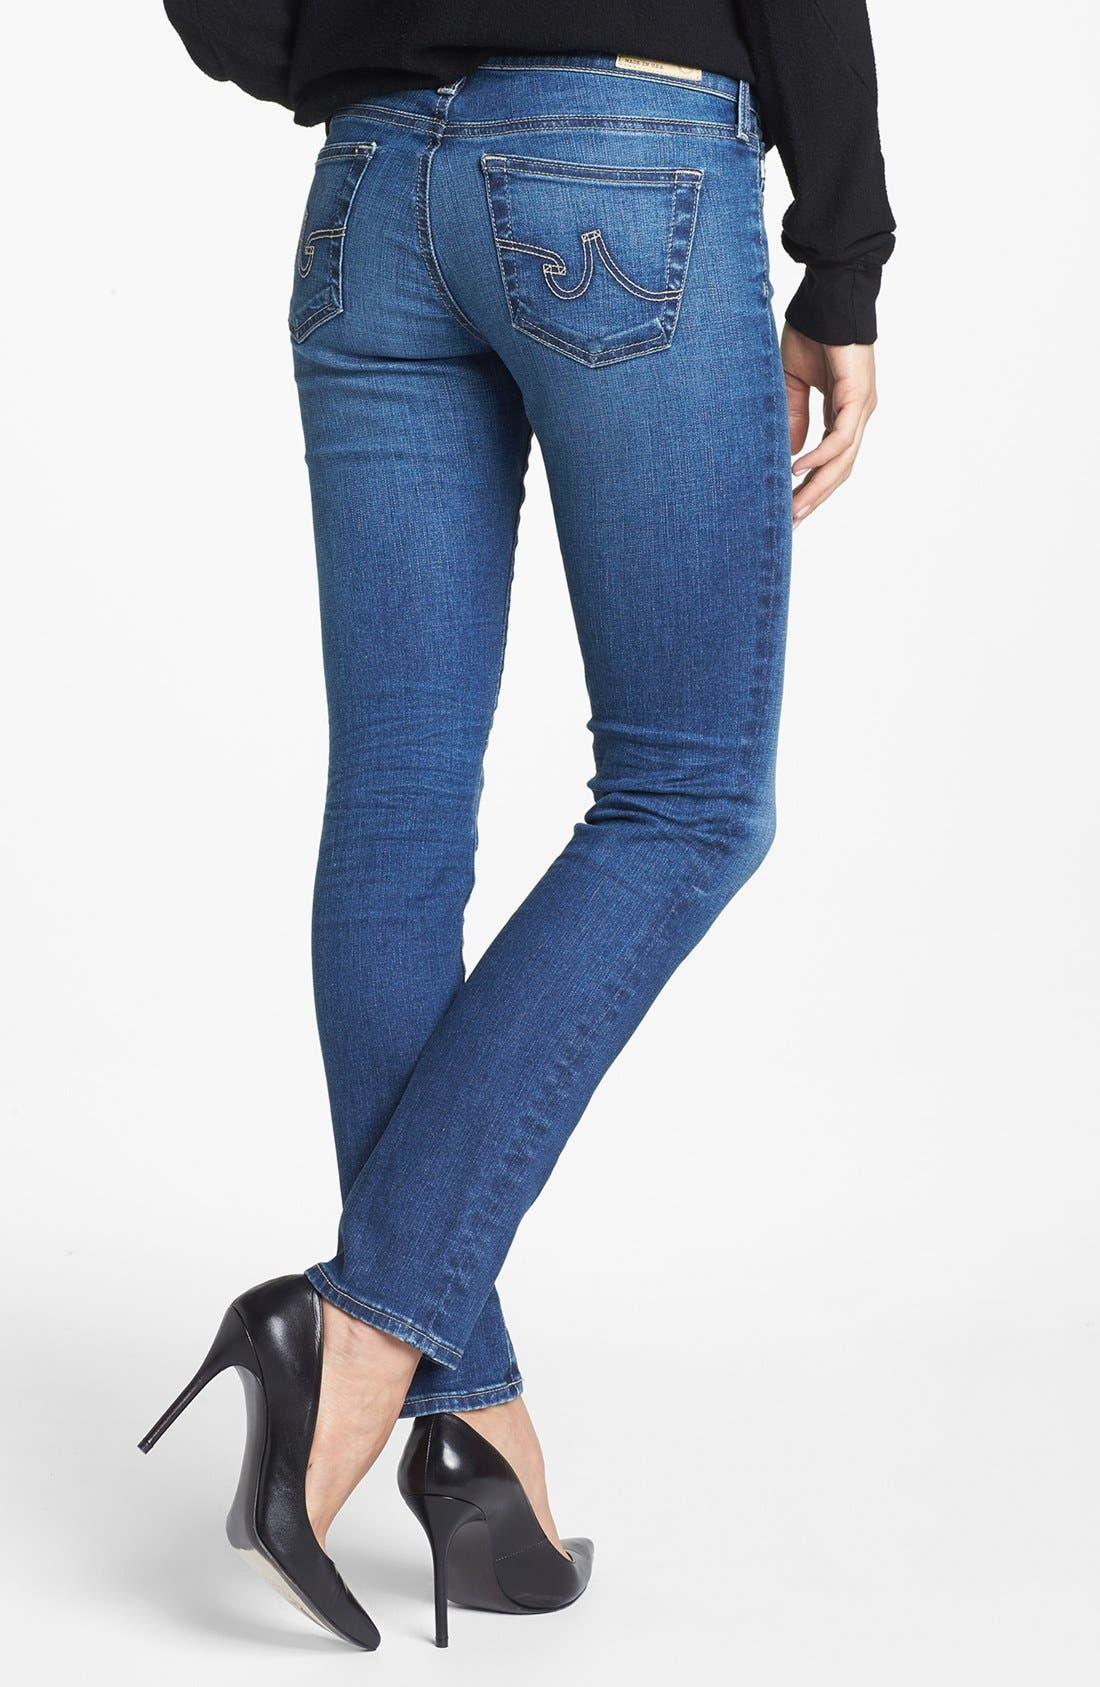 'The Stilt' Cigarette Leg Jeans,                             Alternate thumbnail 6, color,                             401